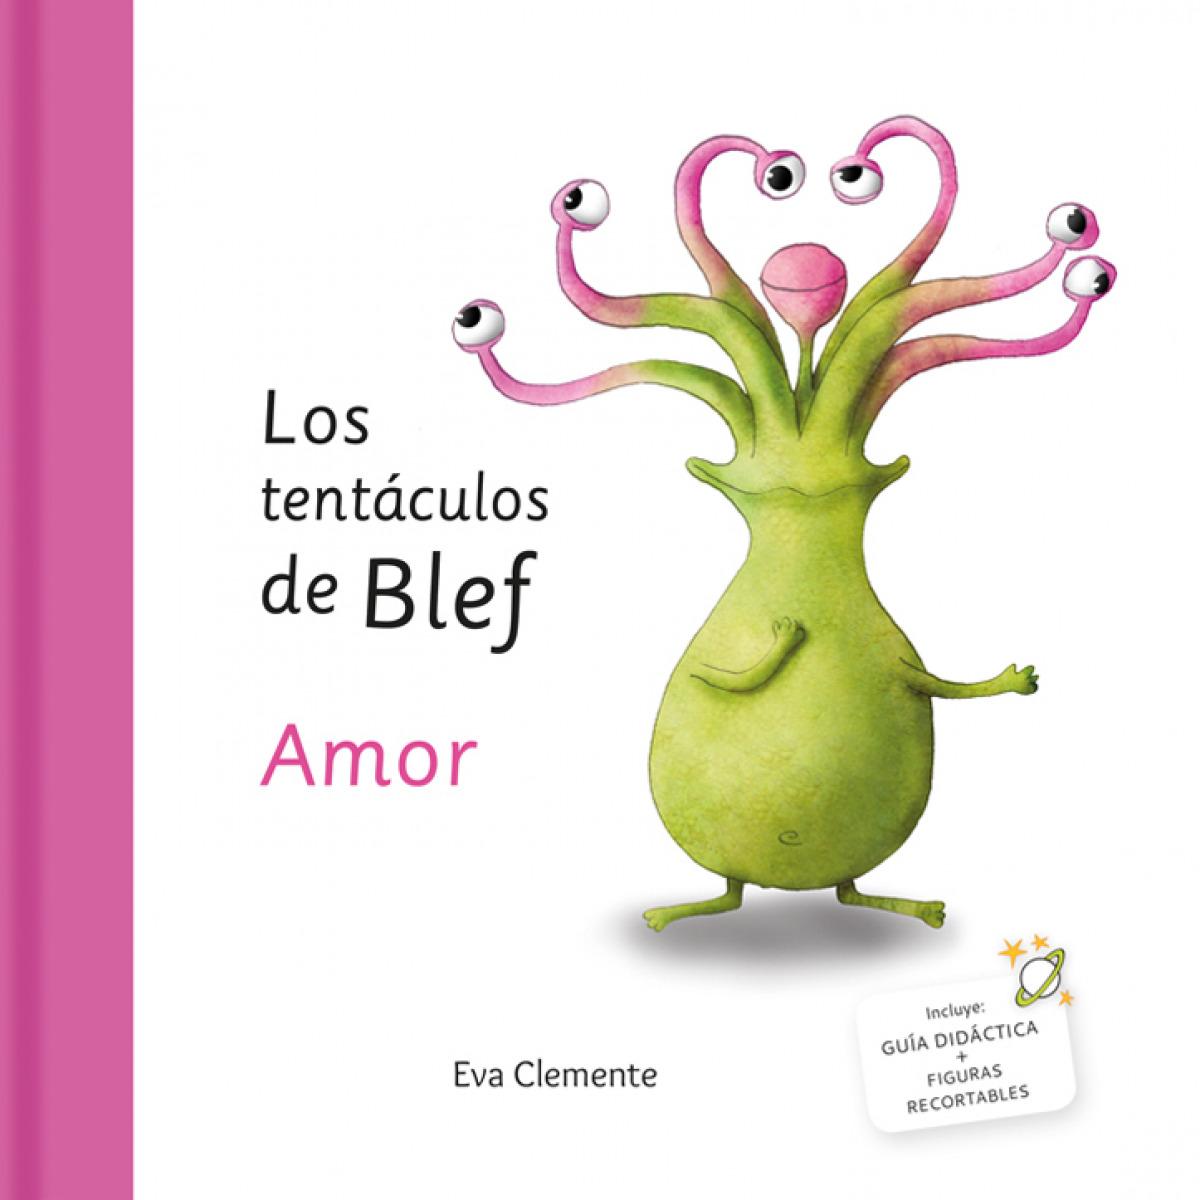 LOS TENTÁCULOS DE BLEF. AMOR